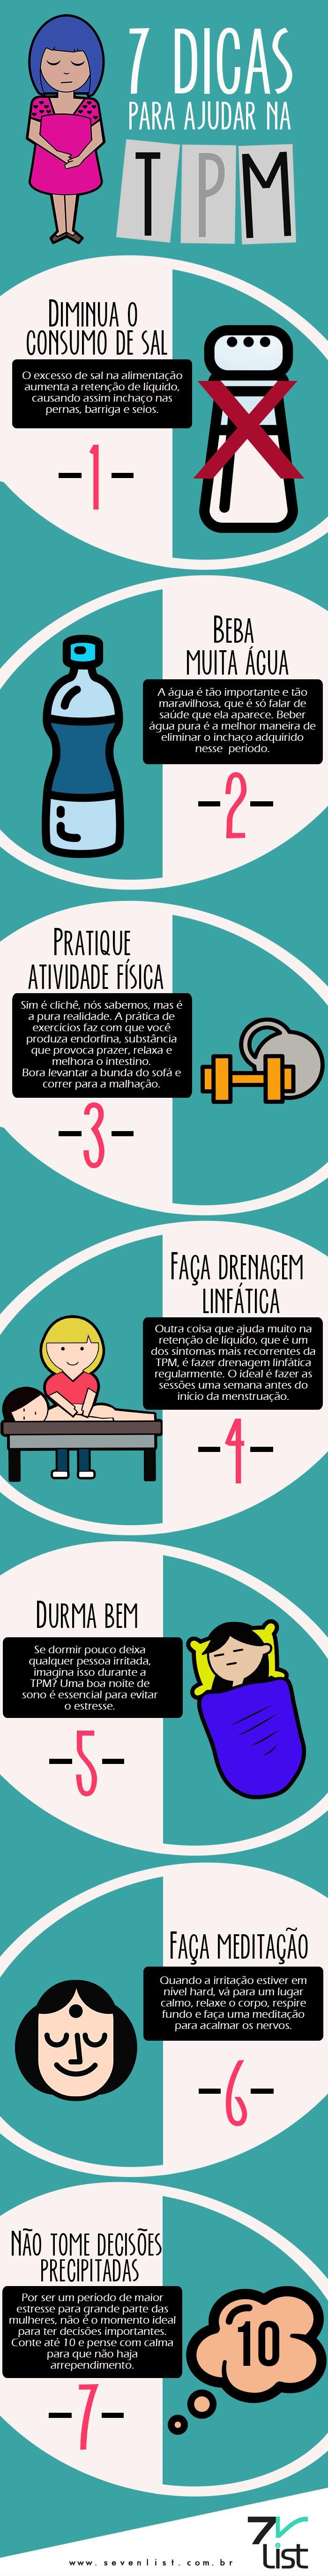 #Infográfico #Design #Art #Saúde #TPM #Alimentação #Exercícios #Lifestyle #Food #Light #Water